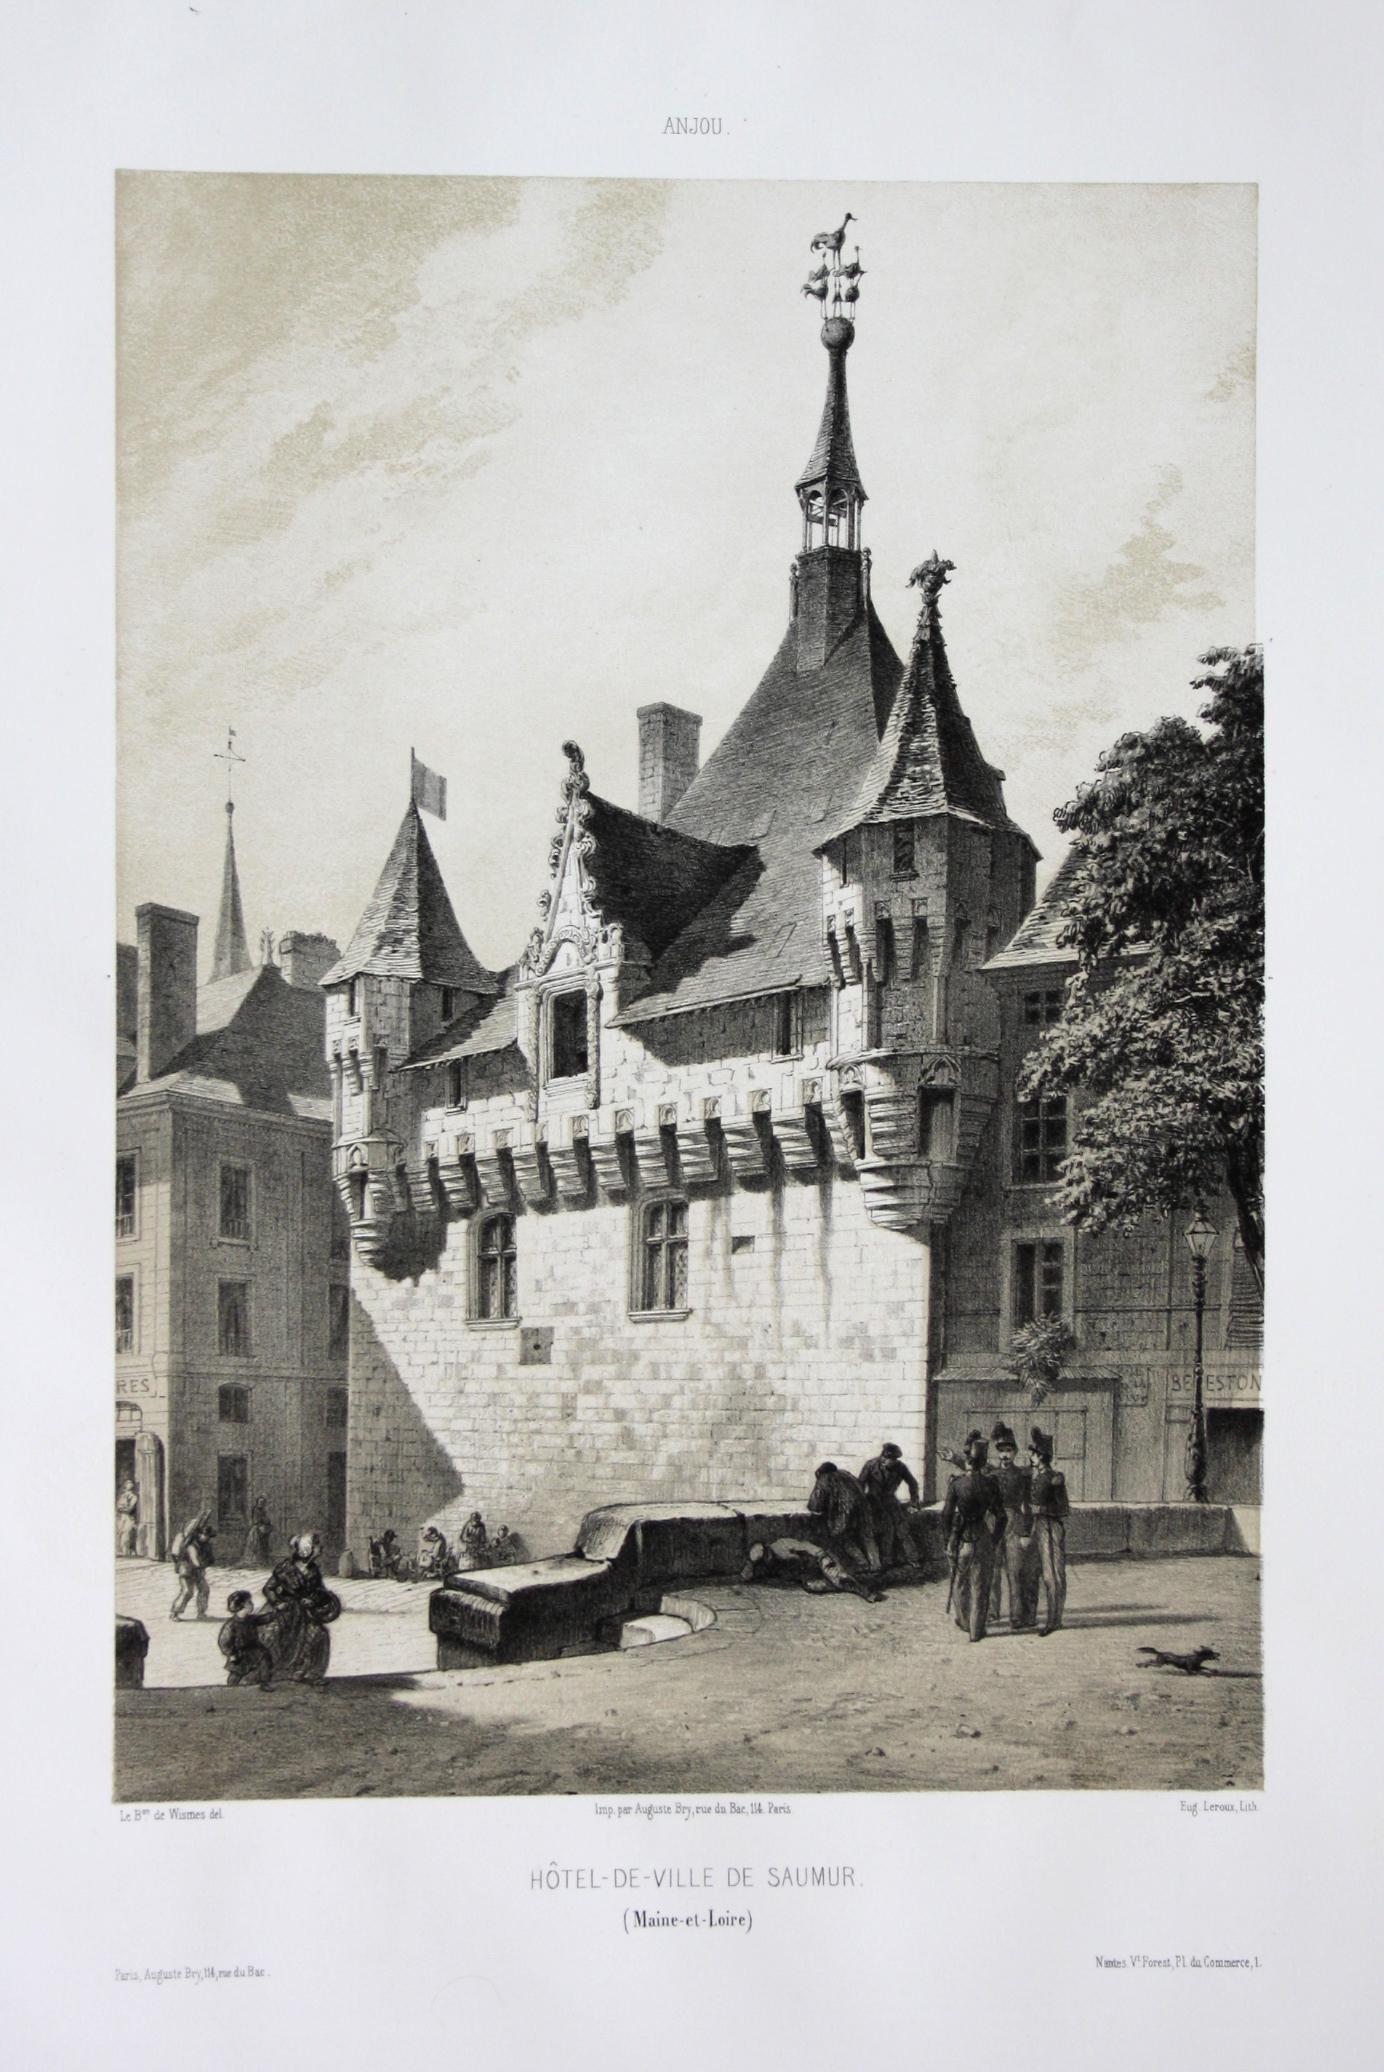 Hotel-de-Ville de Saumur / Maine-et-Loire / Anjou: Wismes, Olivier de